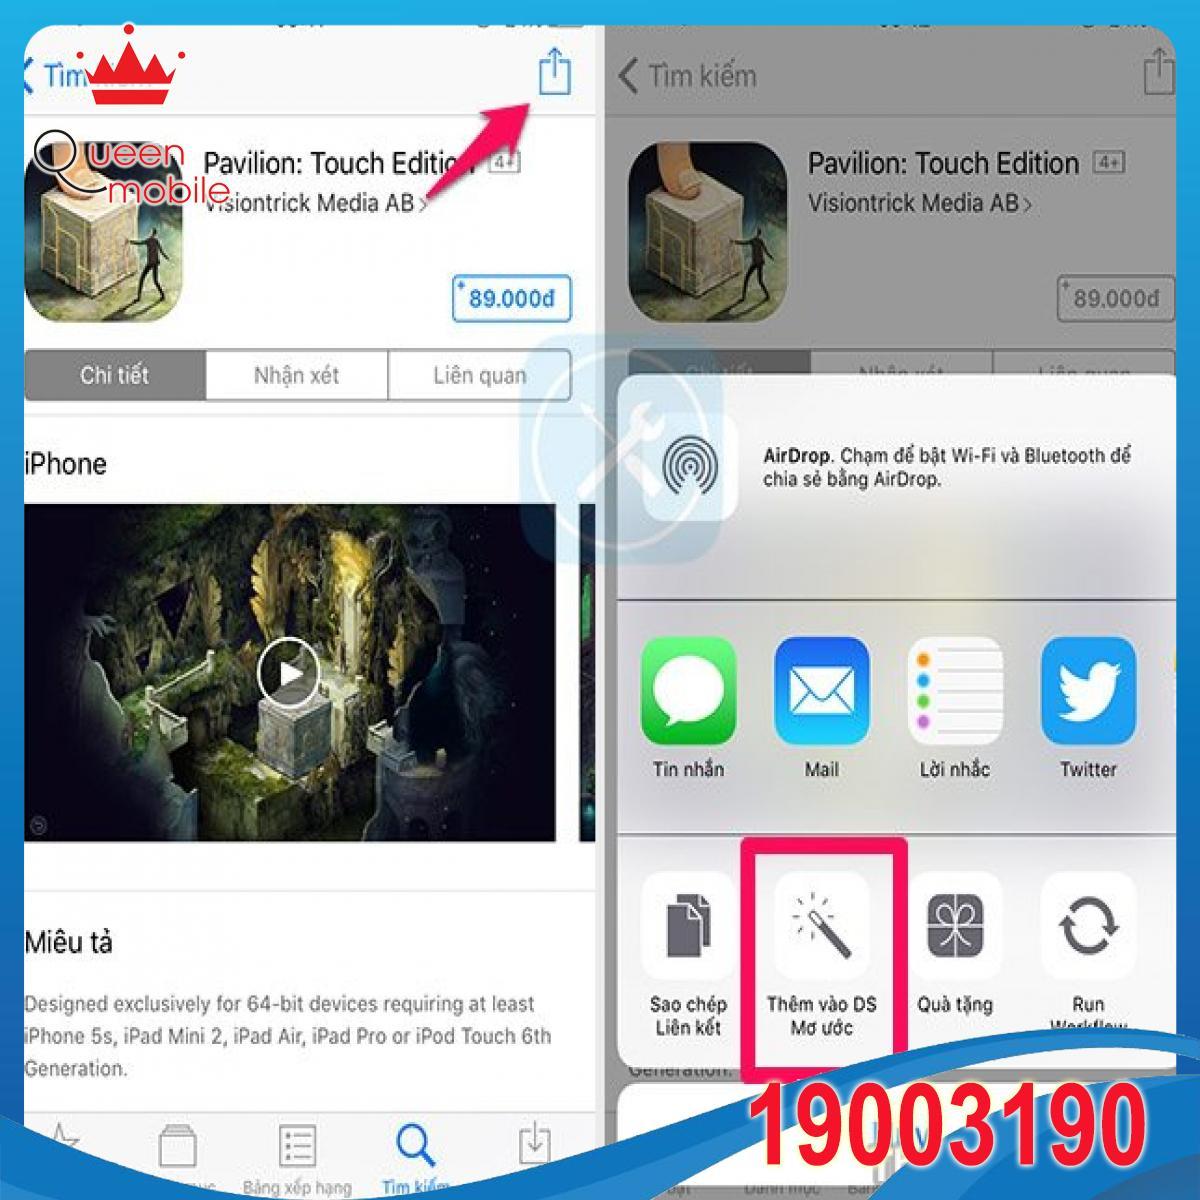 Cách sử dụng 'Danh sách mơ ước' để theo dõi các ứng dụng và game trên iOS